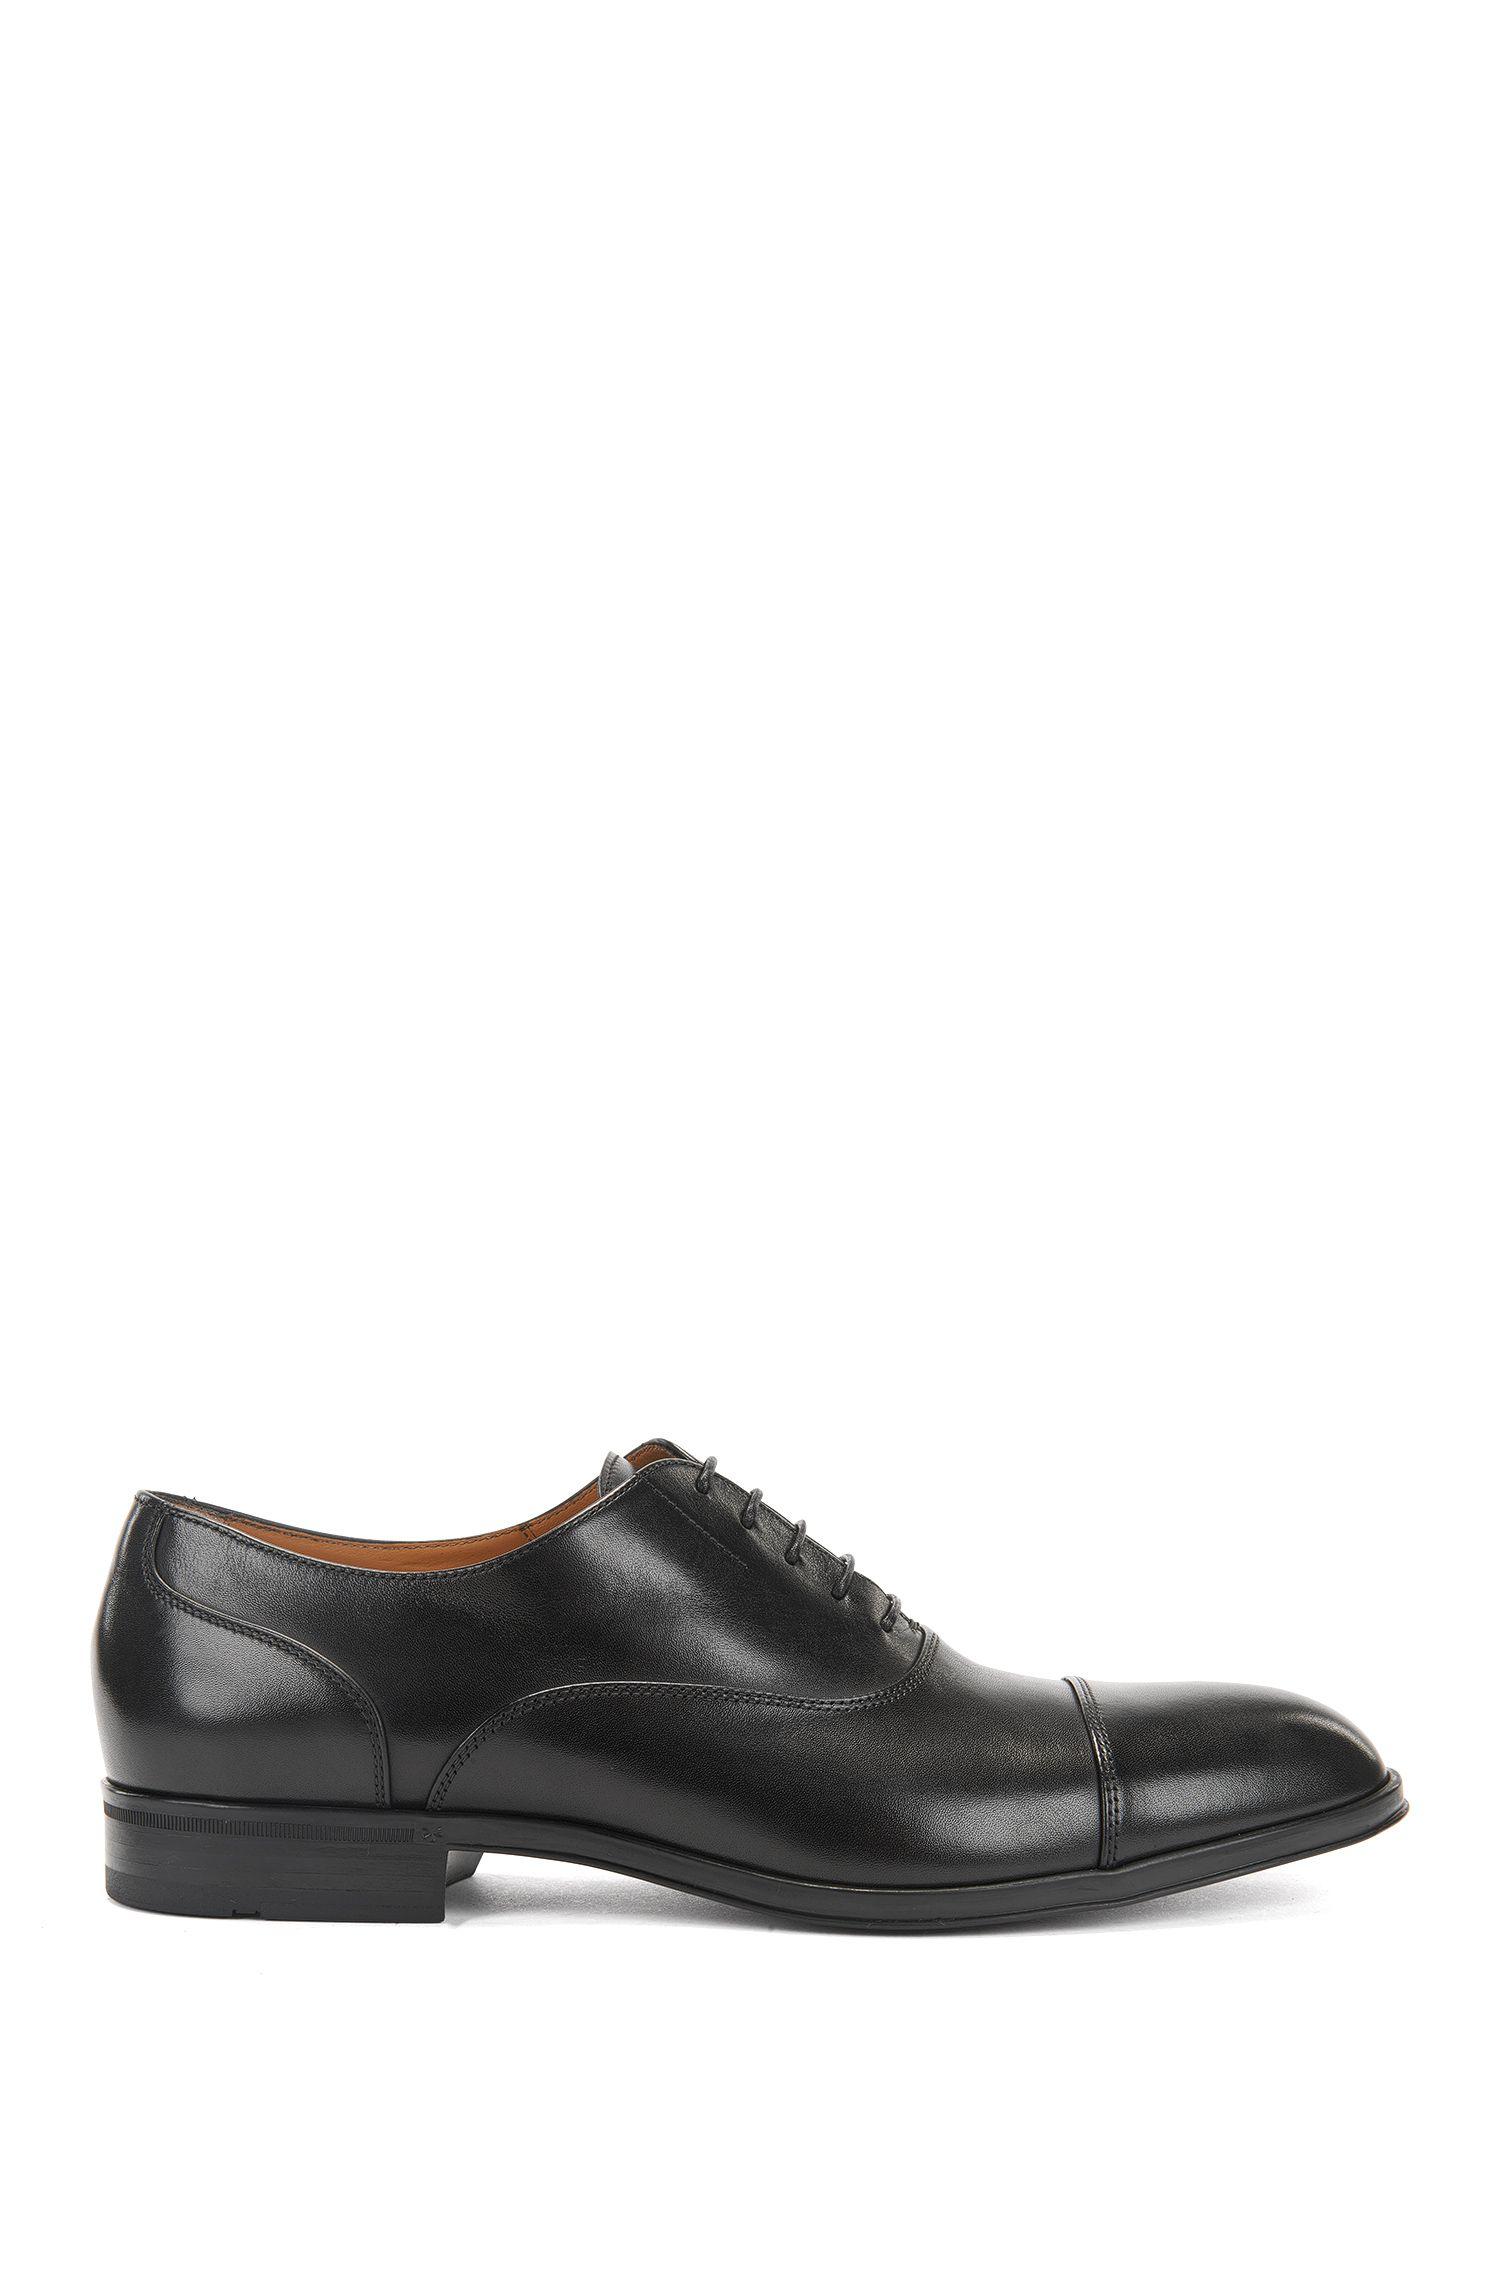 Italienische Oxford-Schuhe aus Glattleder